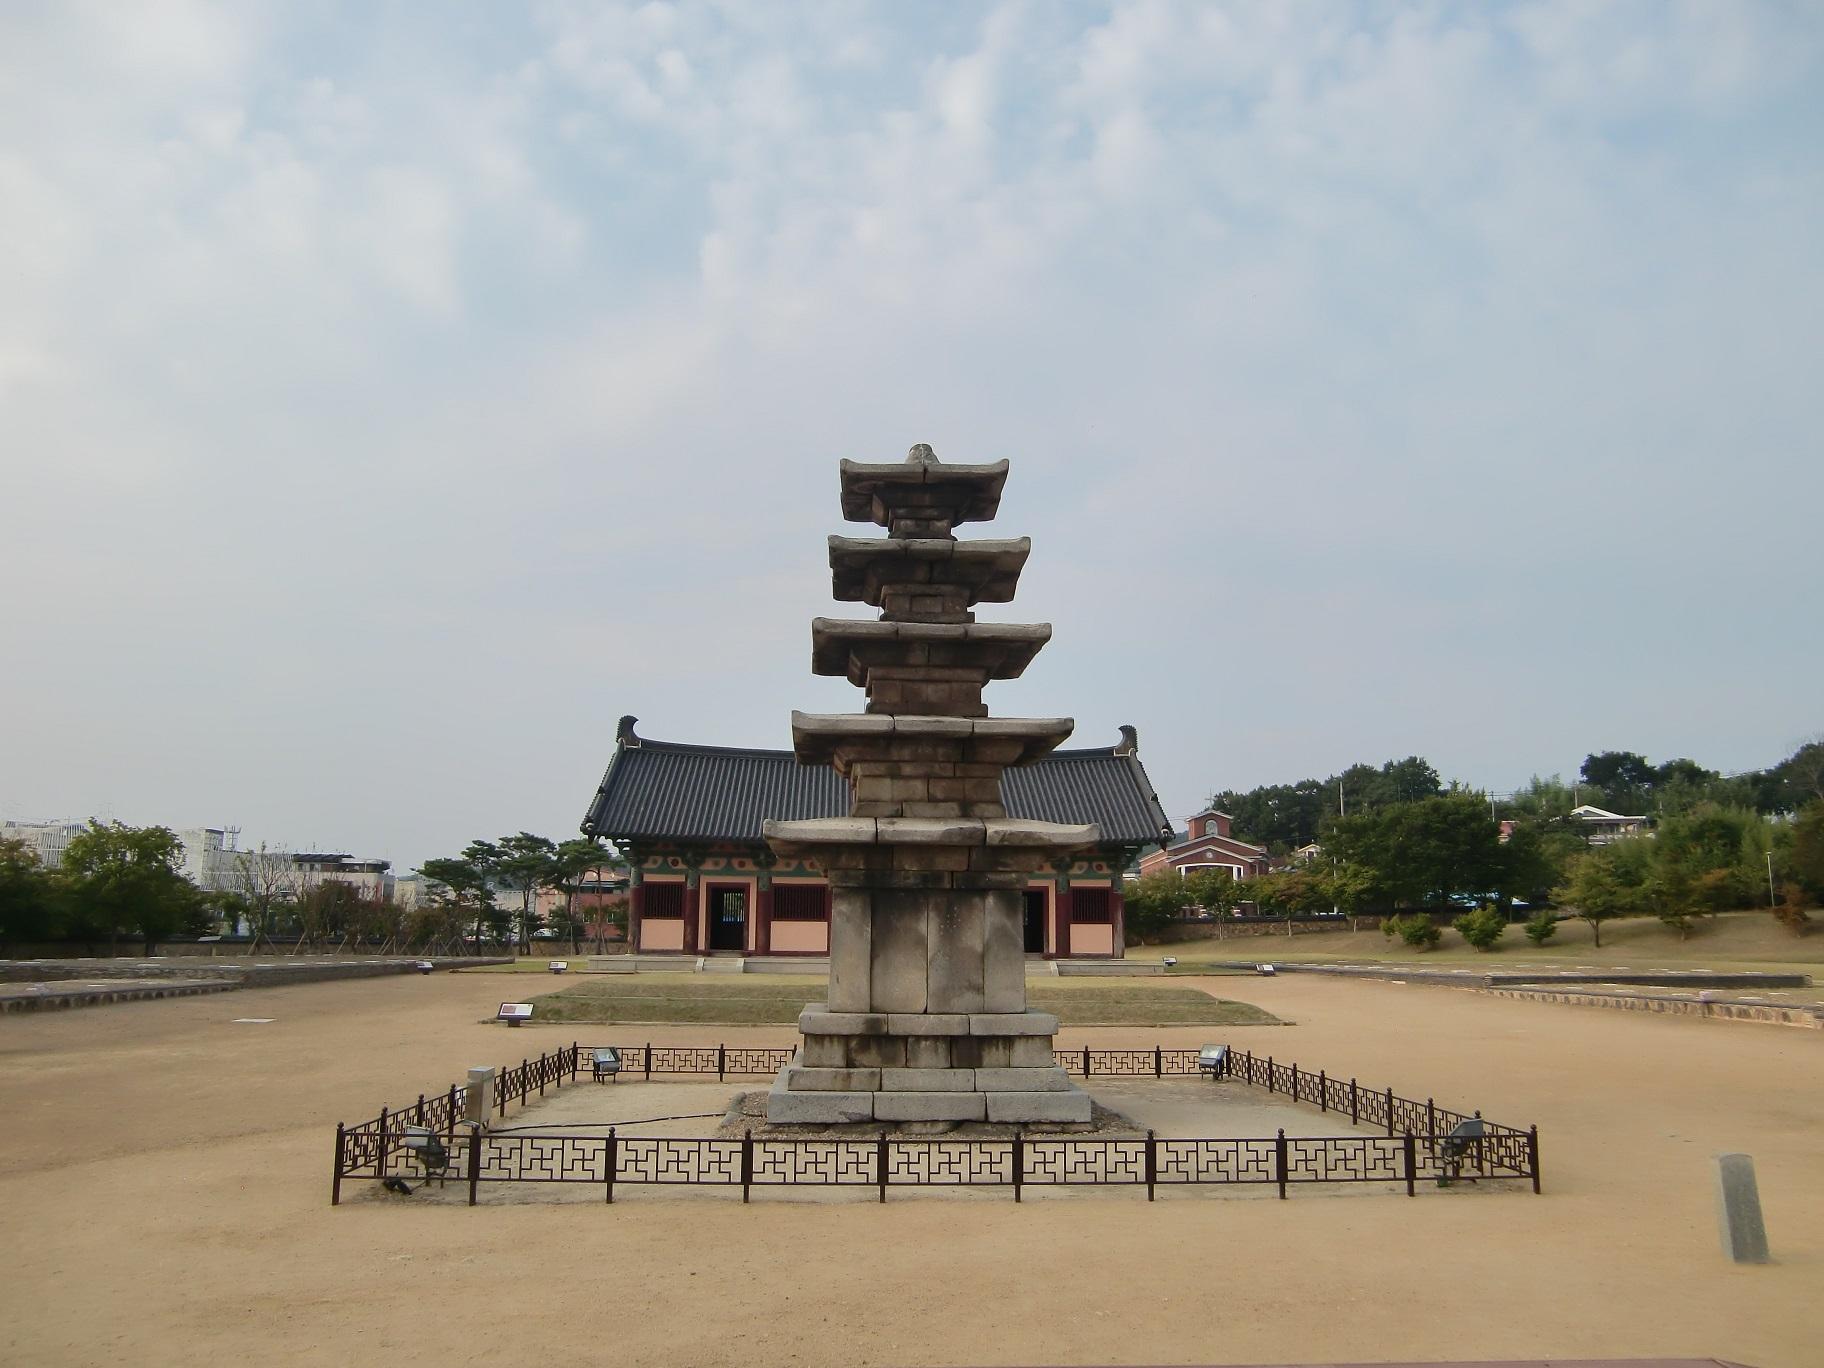 ⑬湖西大学校は忠清南道にあり、近くには日本とのつながりを感じさせる遺跡も。